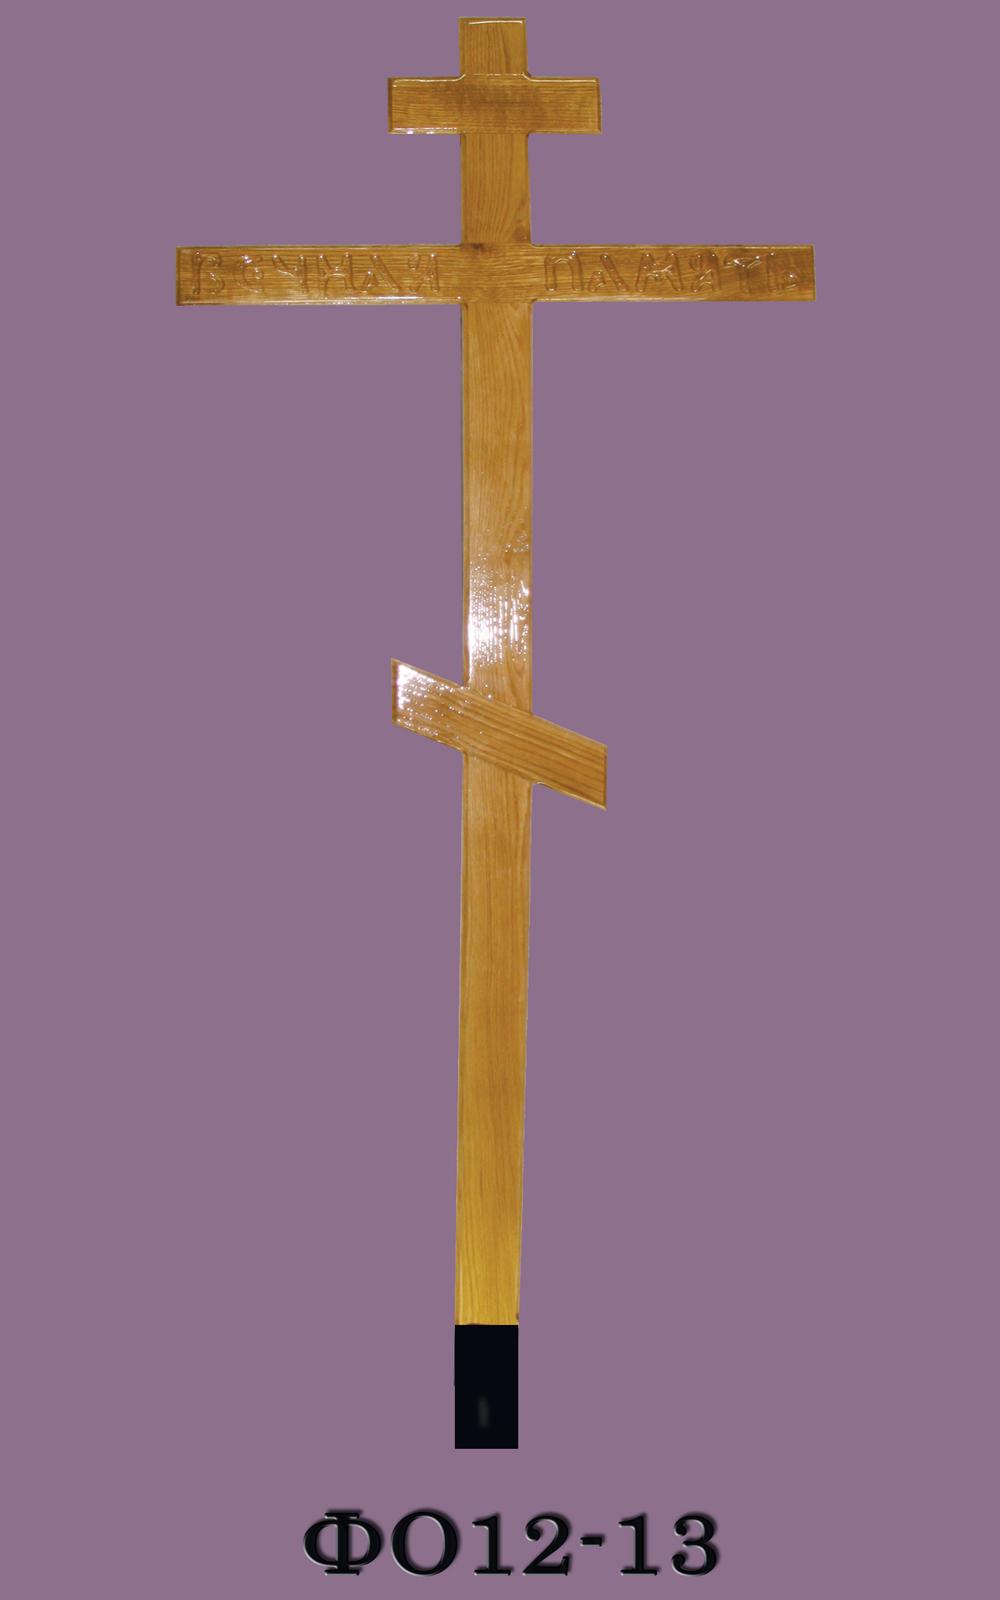 Крест на могилу (деревянный) ФО12-13